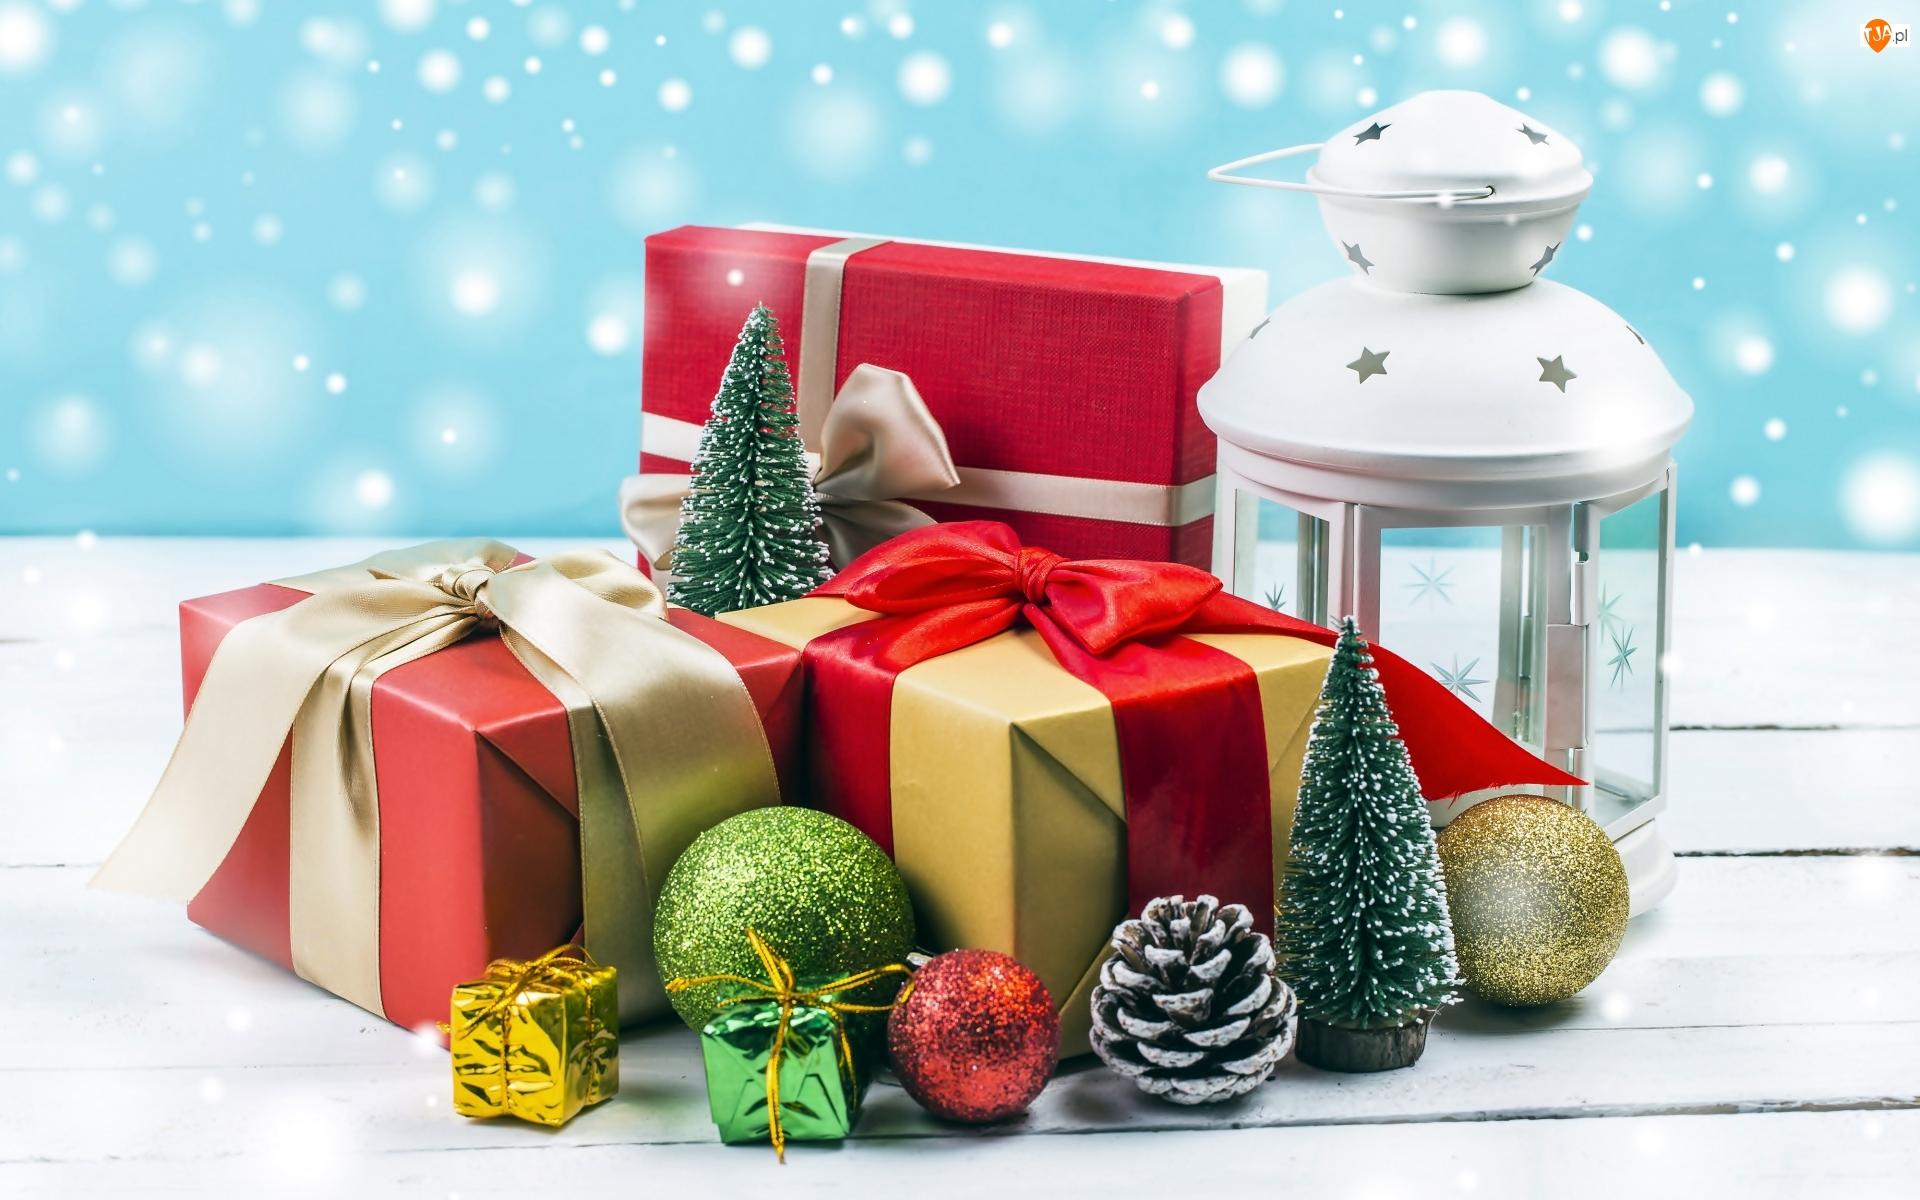 Bombki, Choinki, Boże Narodzenie, Prezenty, Kompozycja, Lampion, Szyszka